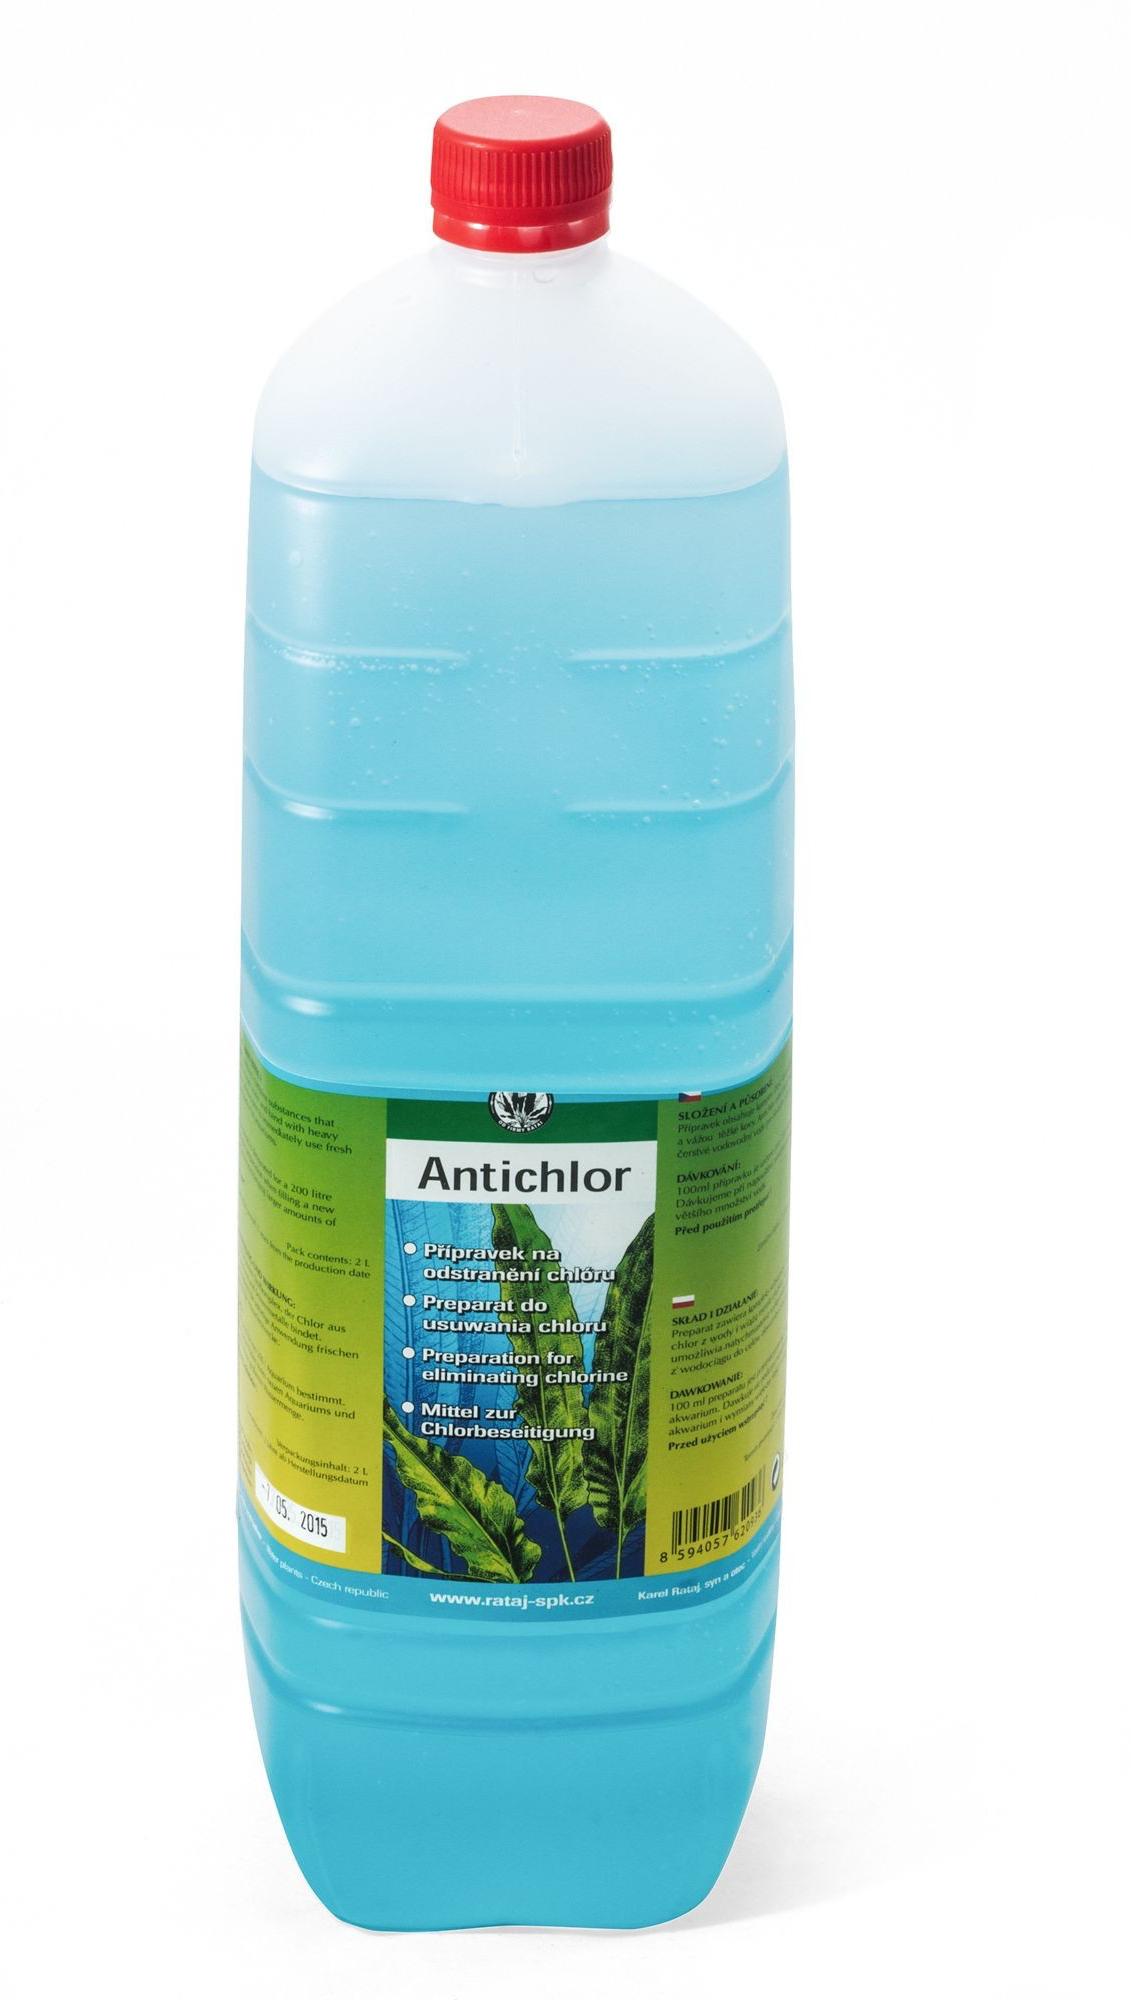 Preparat Rataj ANTICHLOR [uzupełnienie 2000ml] - podstawowy uzdatniacz wody